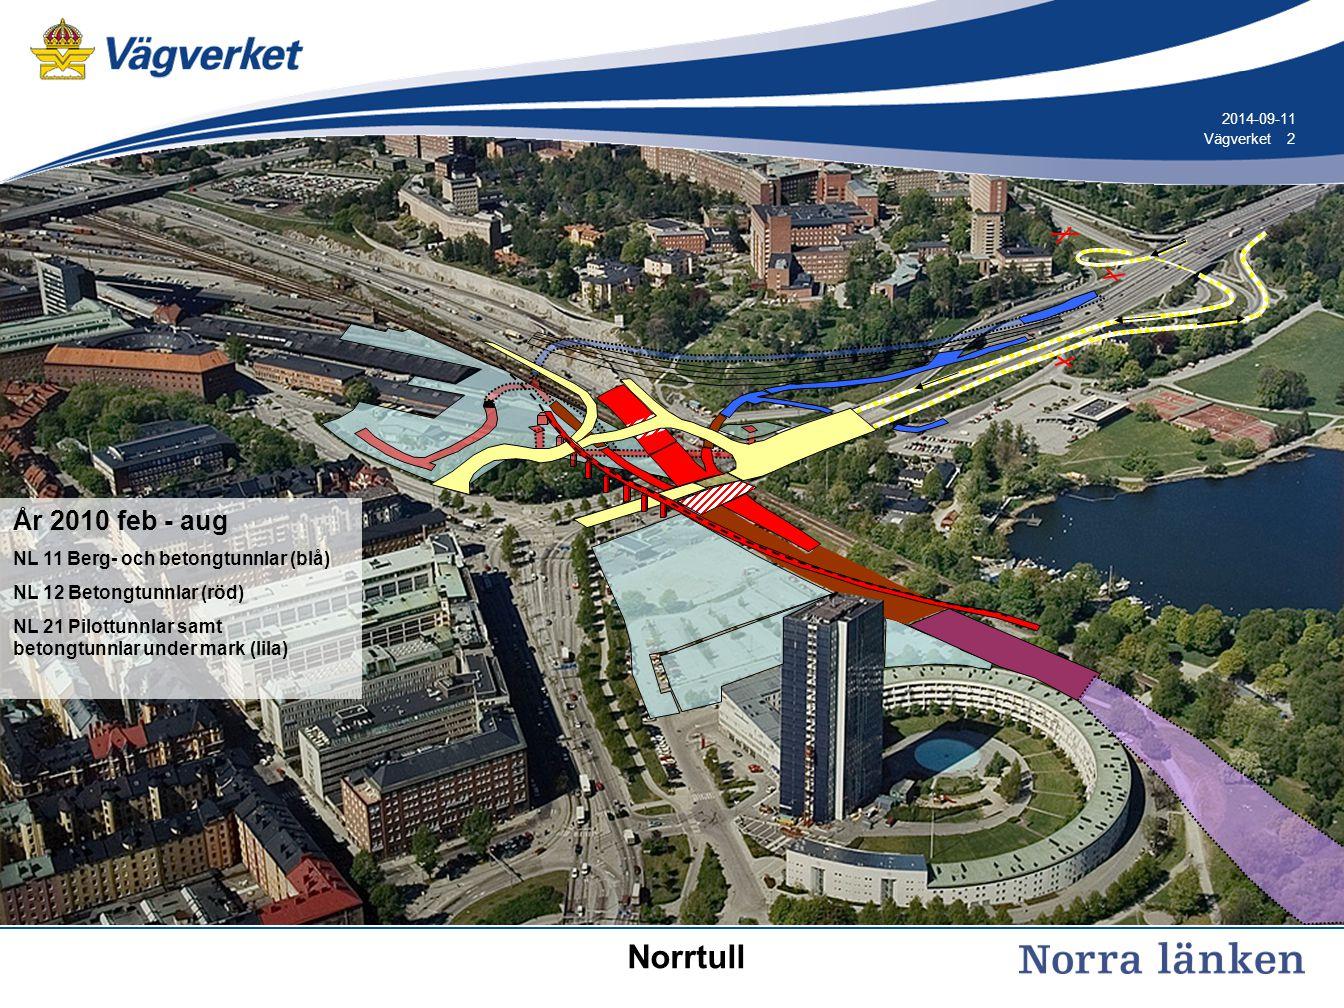 2 2Vägverket 2014-09-11 År 2010 feb - aug NL 11 Berg- och betongtunnlar (blå) NL 12 Betongtunnlar (röd) NL 21 Pilottunnlar samt betongtunnlar under mark (lila) Norrtull